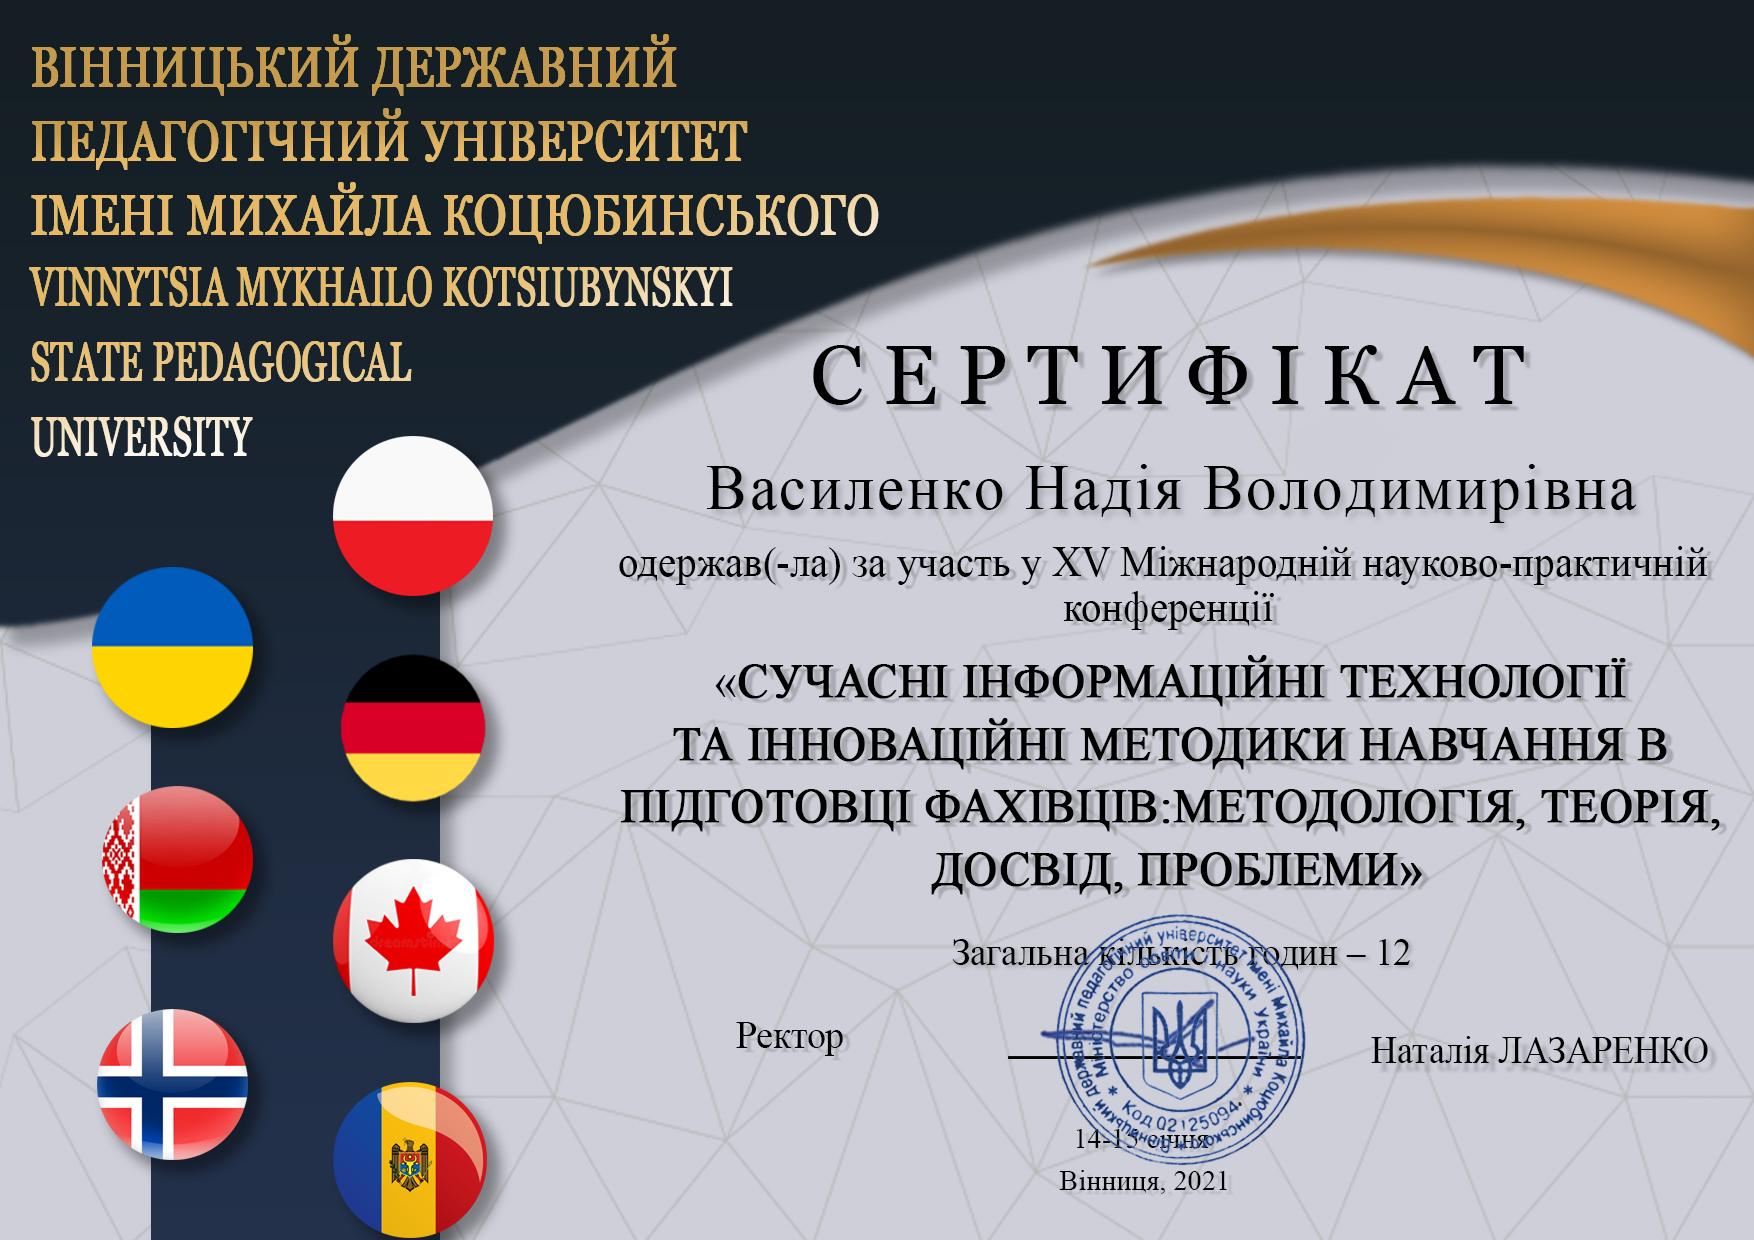 Василенко Надія Володимирівна